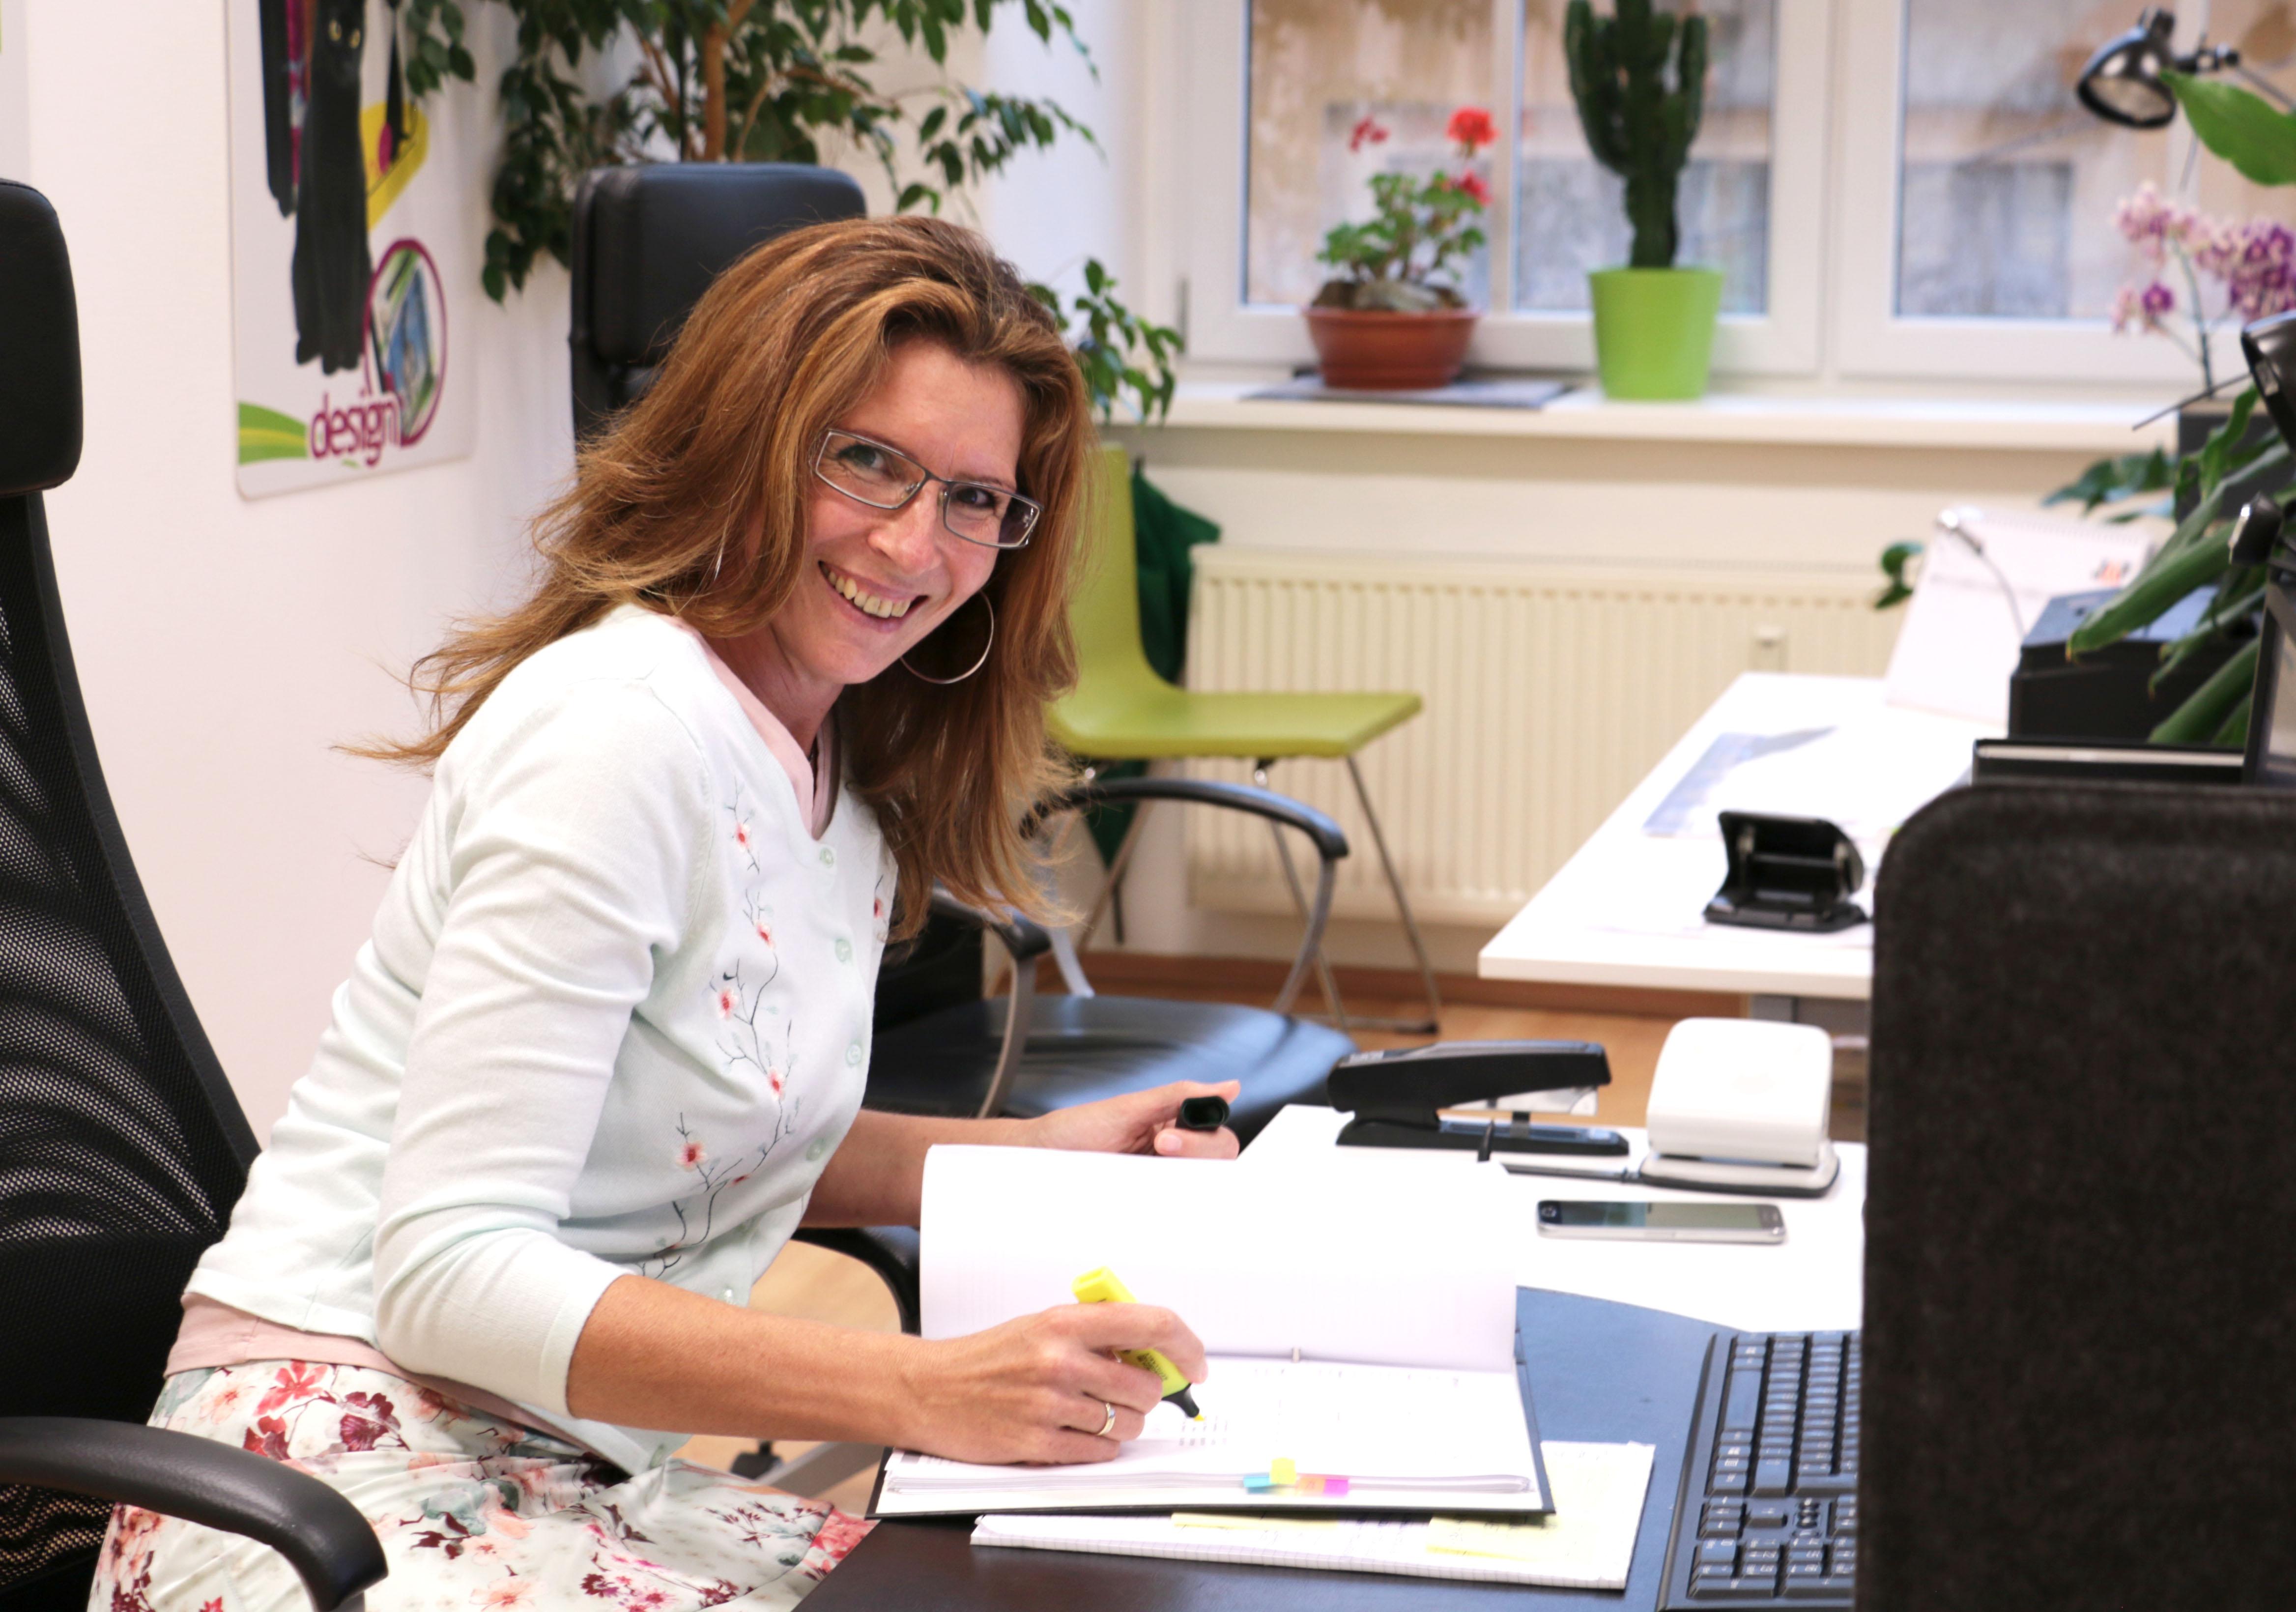 Claudia Baumgartner - petWALK Finance